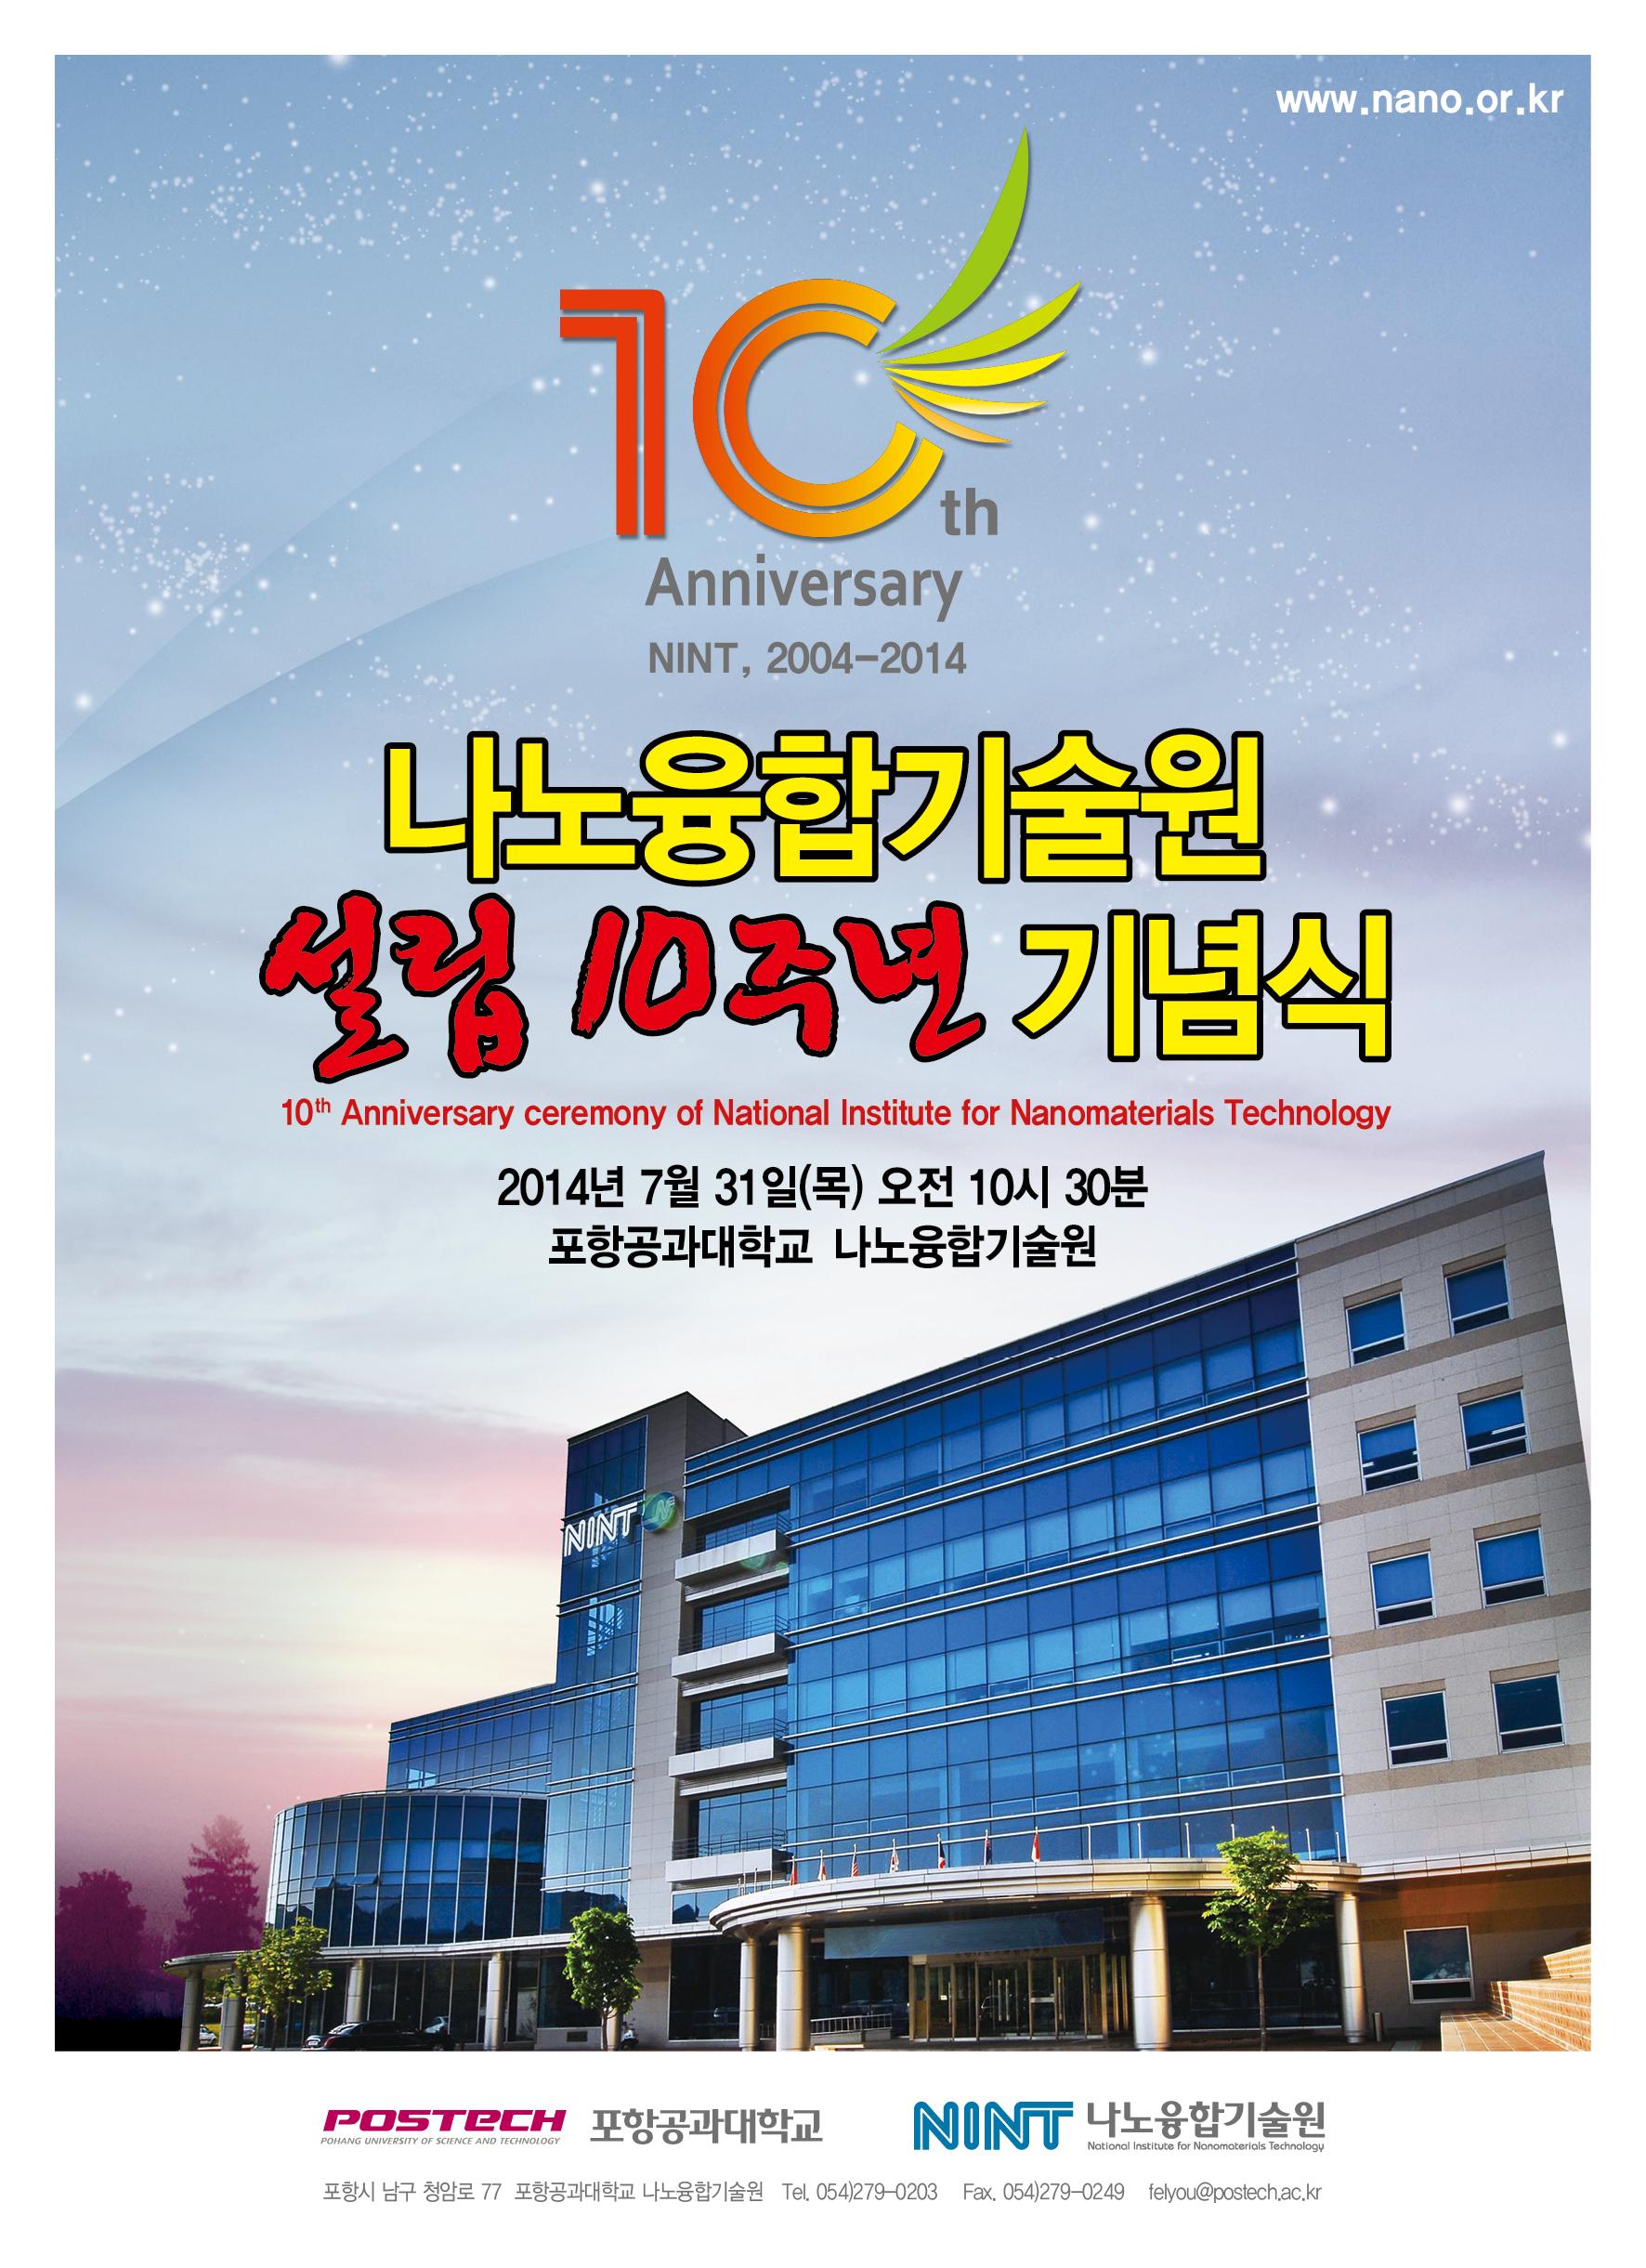 나노융합기술원 설립 10주년 기념식